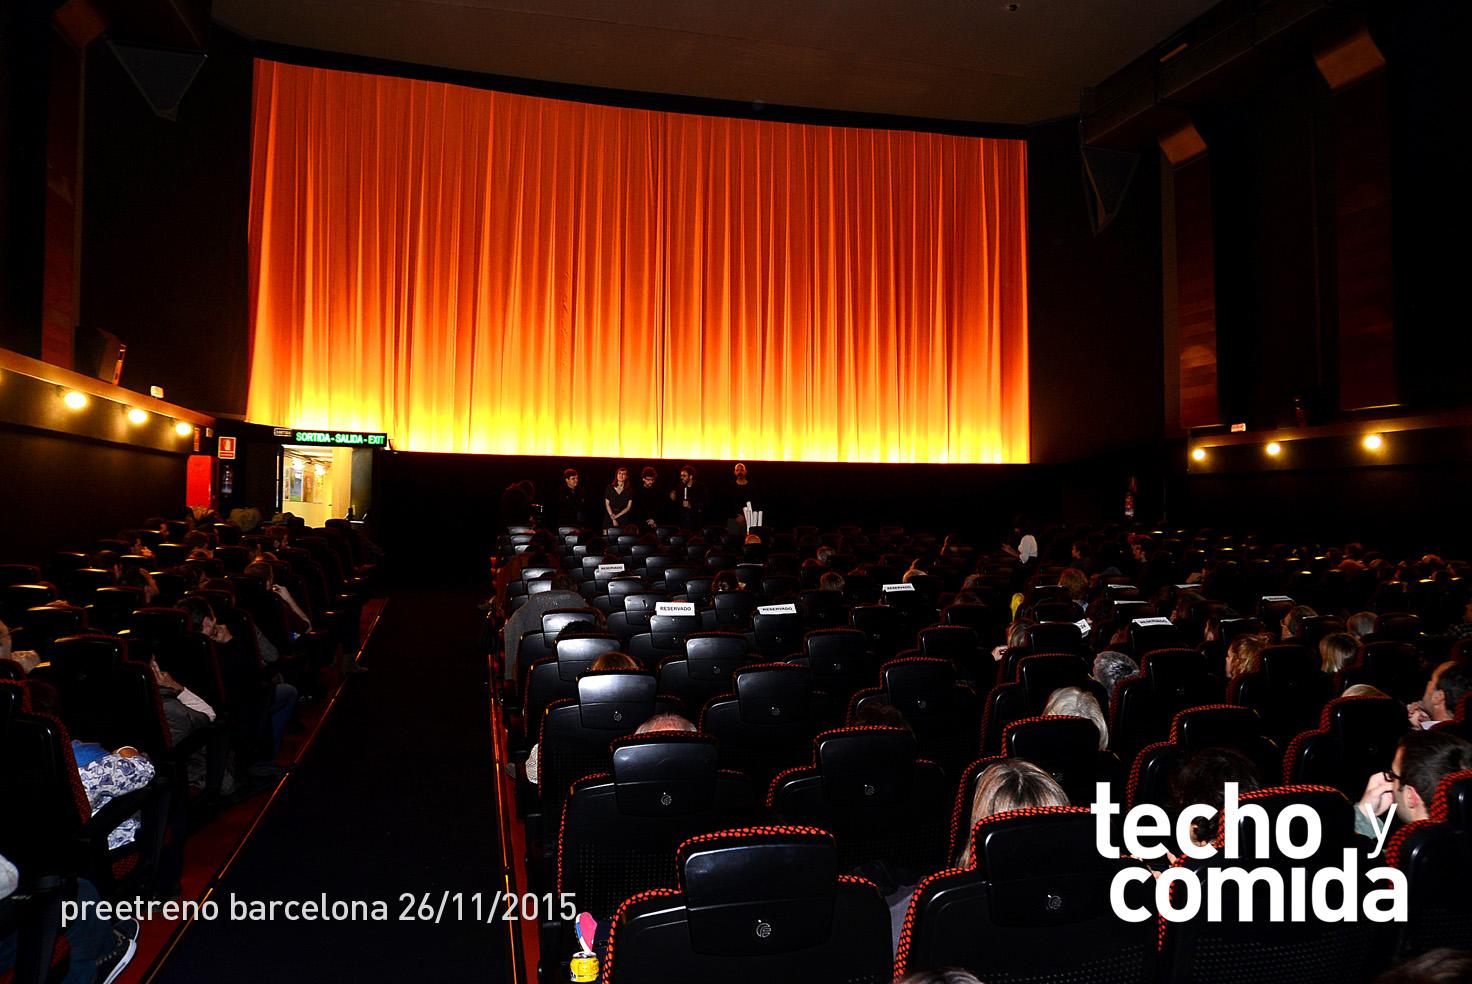 Barcelona_008_Techo y comida